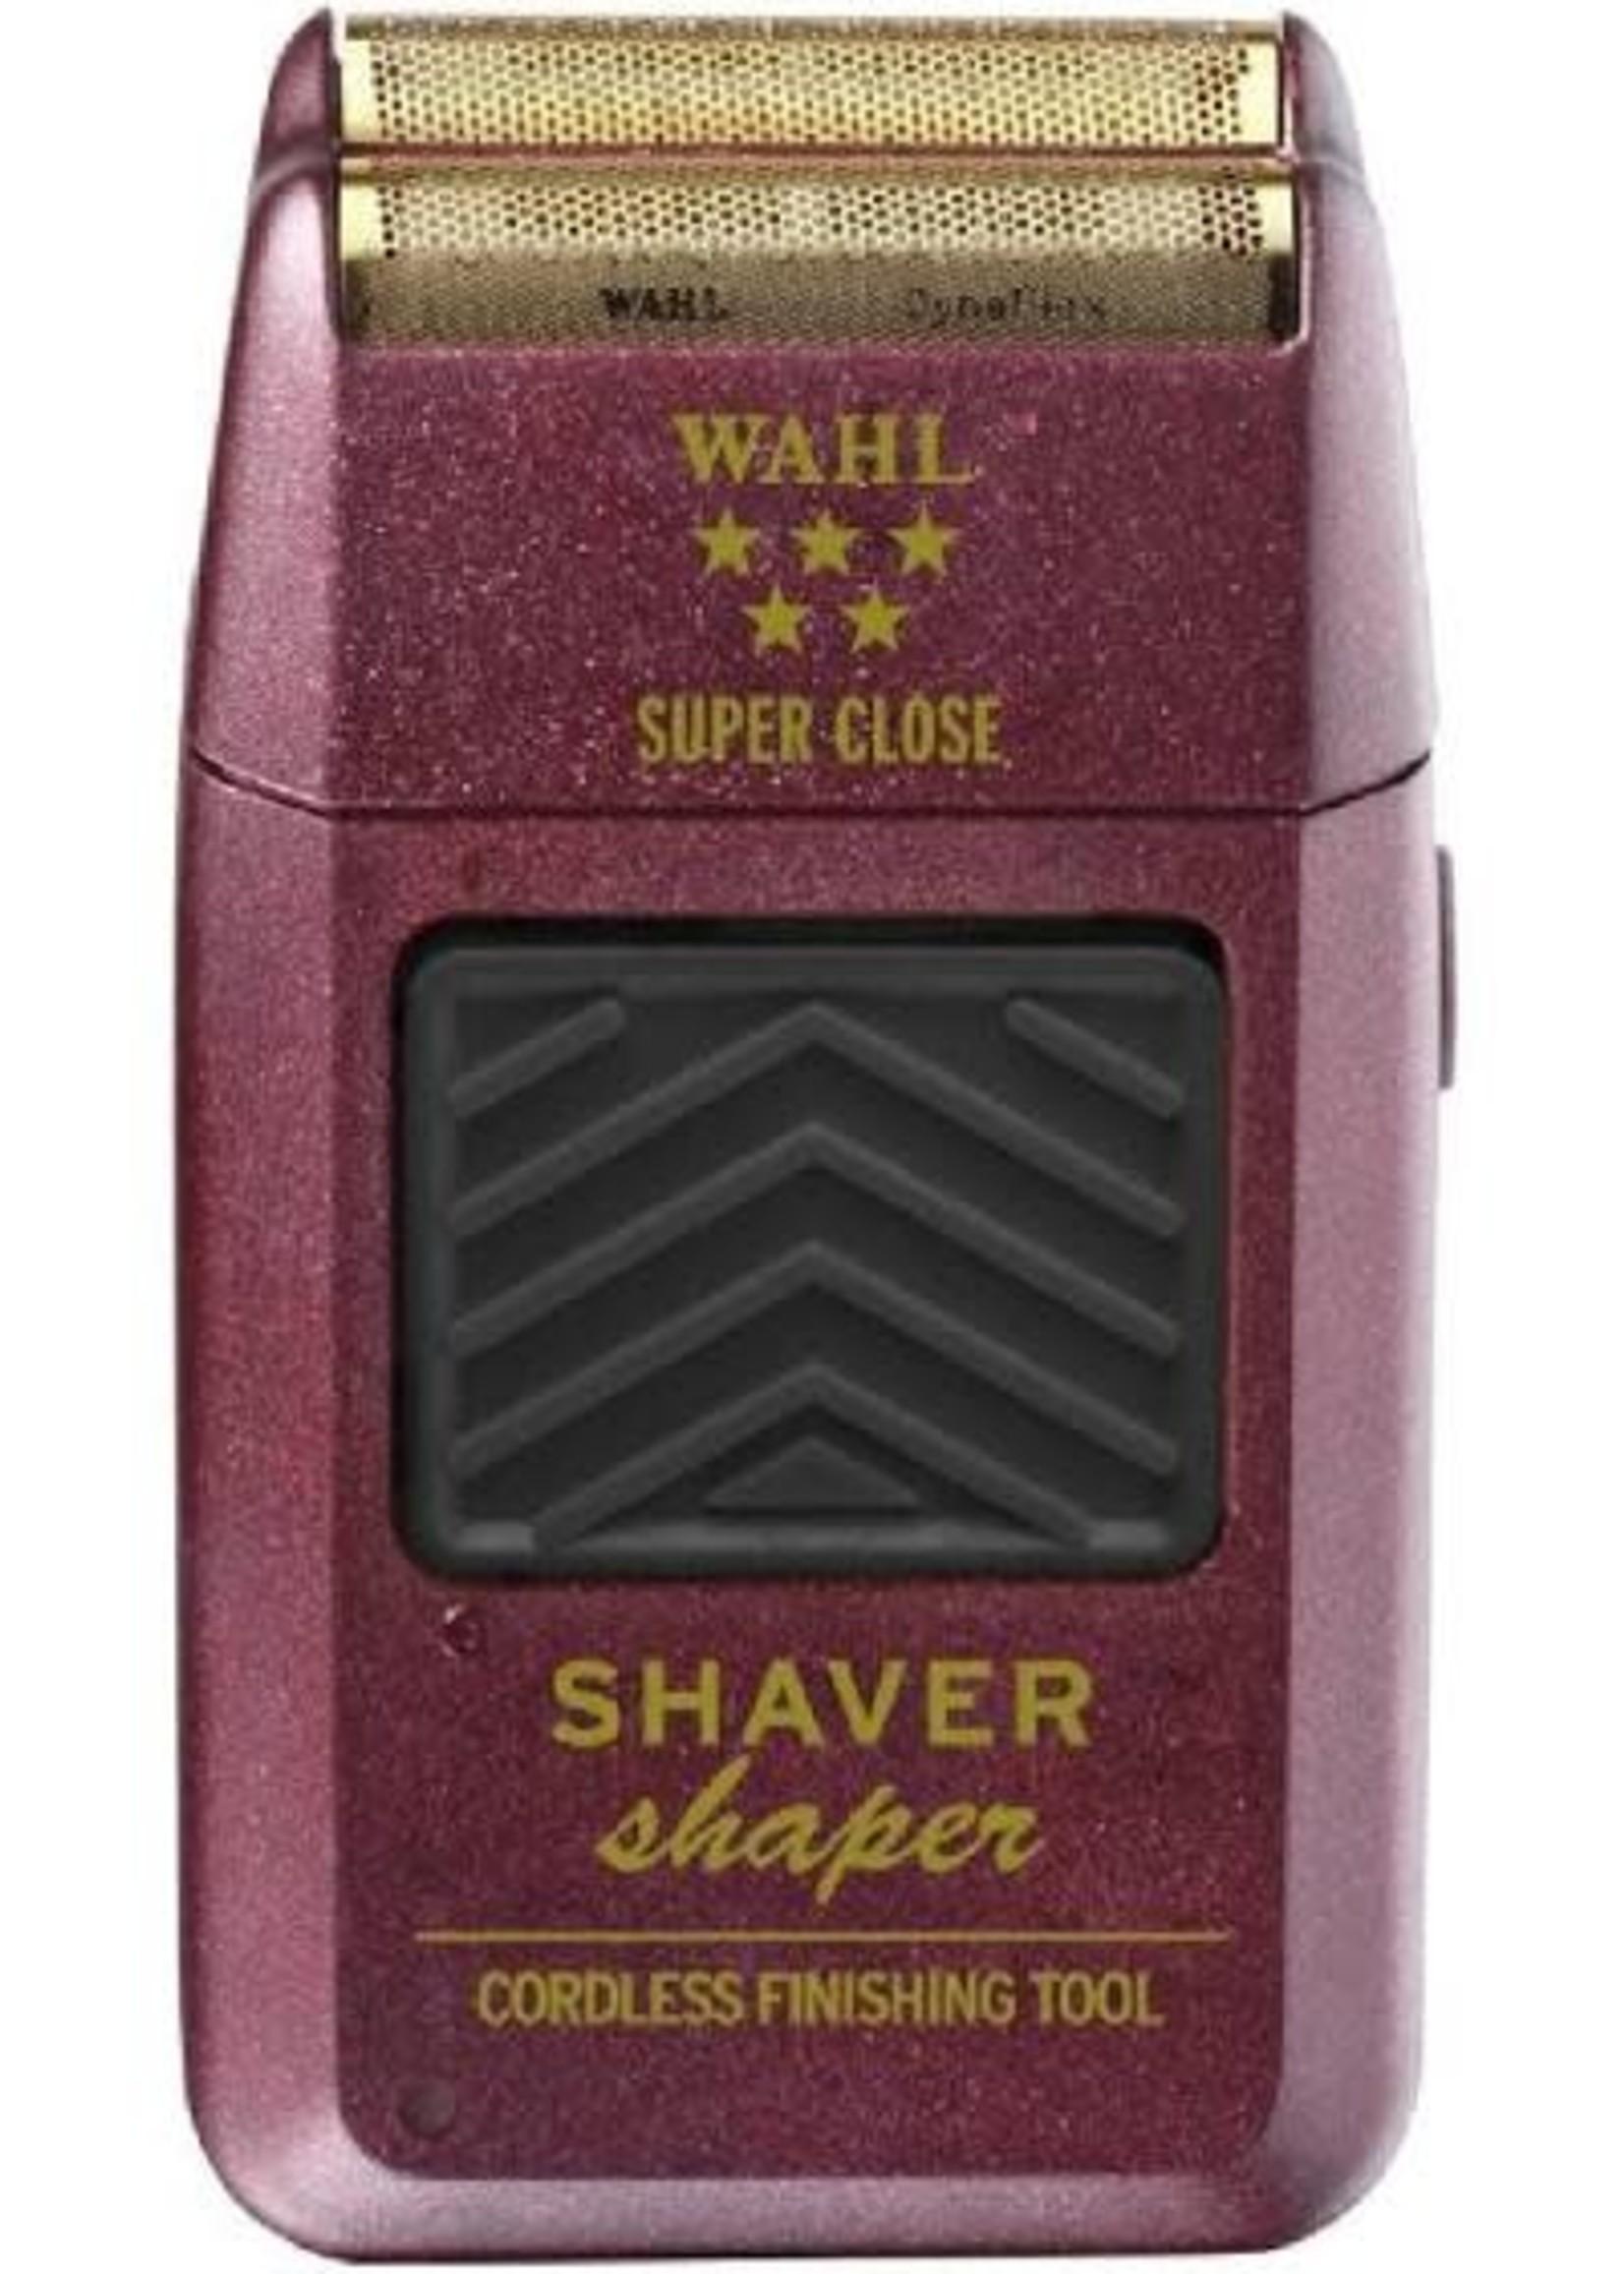 Wahl Wahl 5 Star Shaver -Shaper